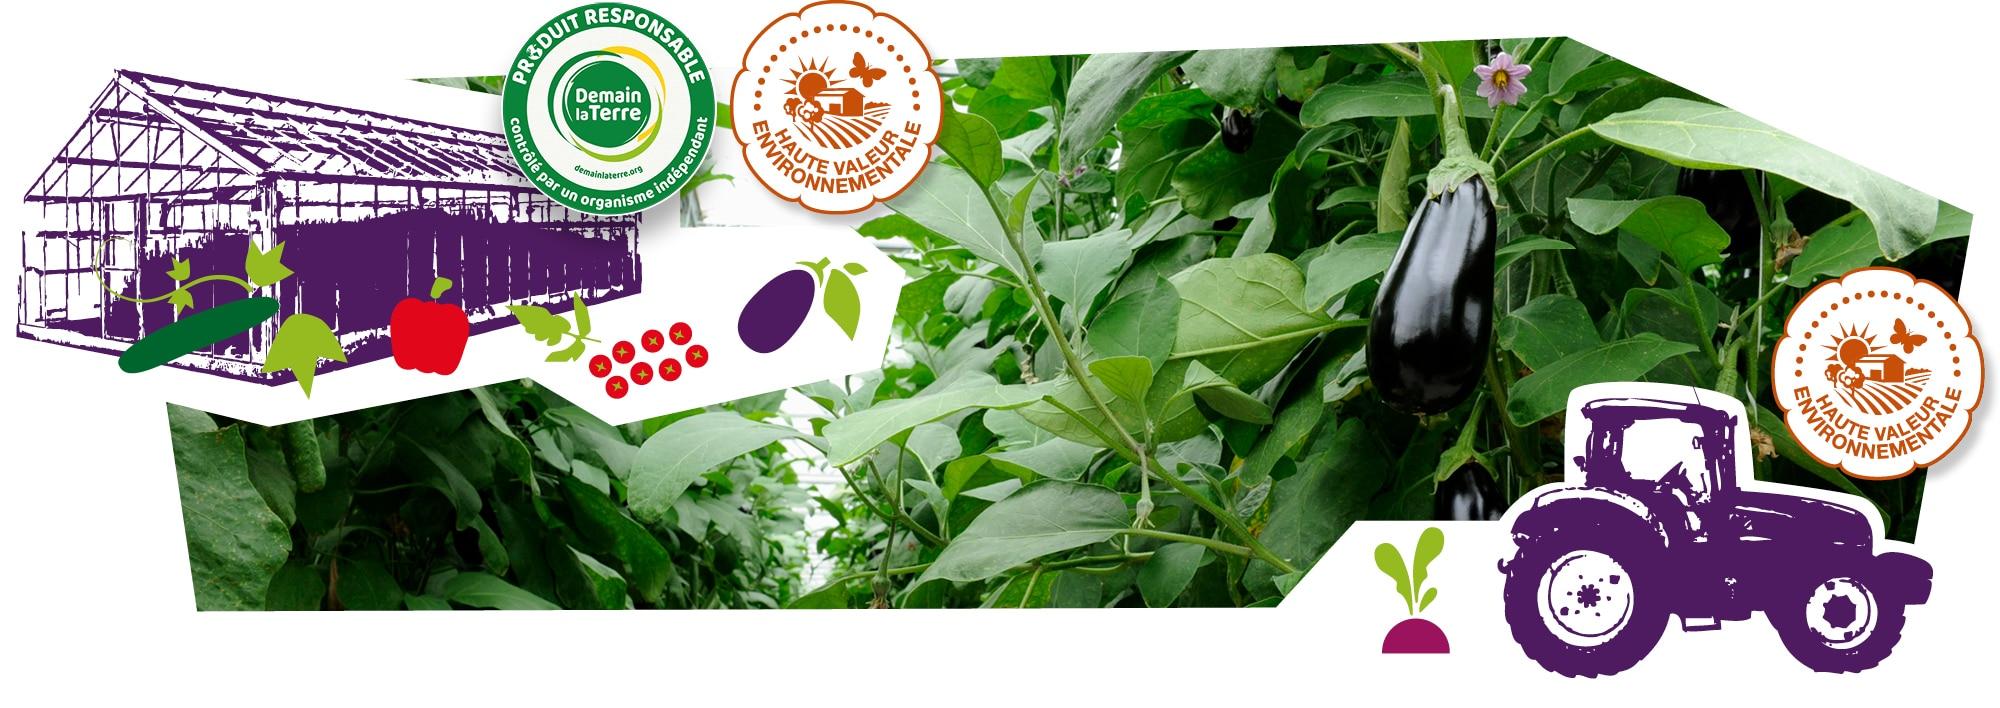 Plans d'aubergine dans leur serre, fleurs et aubergines en train de mûrir, accompagnés des logos des labels Produire mieux que bien et HVE, superposés sur l'image.